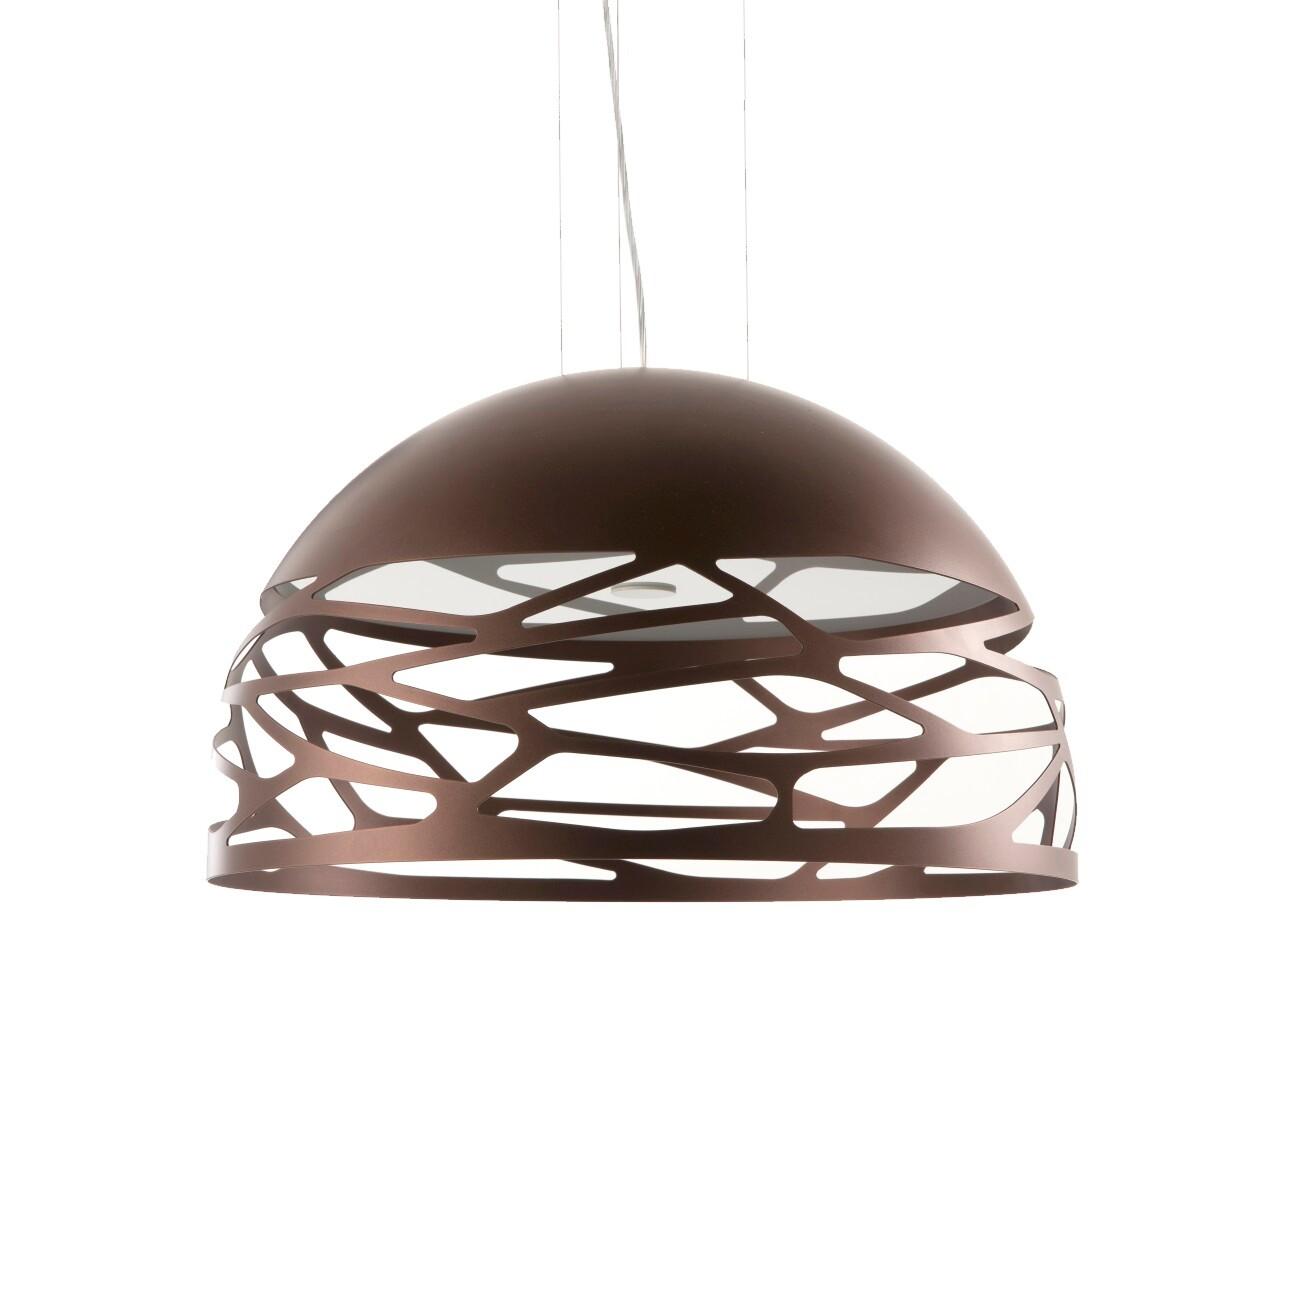 Billede af Kelly SO1 Pendel Ø50 Bronze - Studio Italia Design